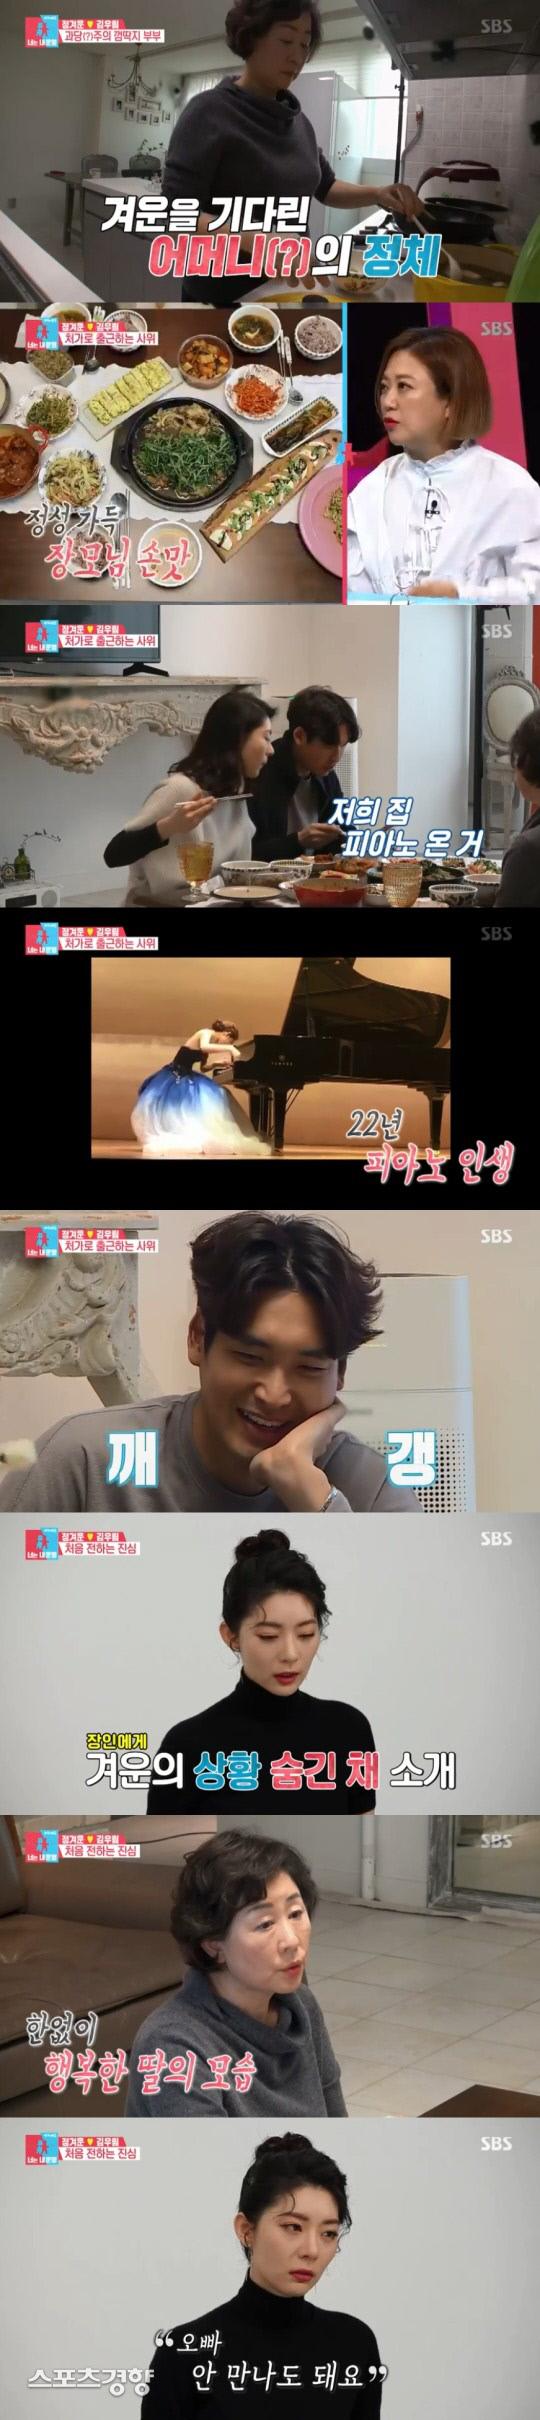 정겨운·김우림 부부가 결혼 전 장모가 눈물을 흘린 사실을 털어놨다. SBS 방송 화면 캡처